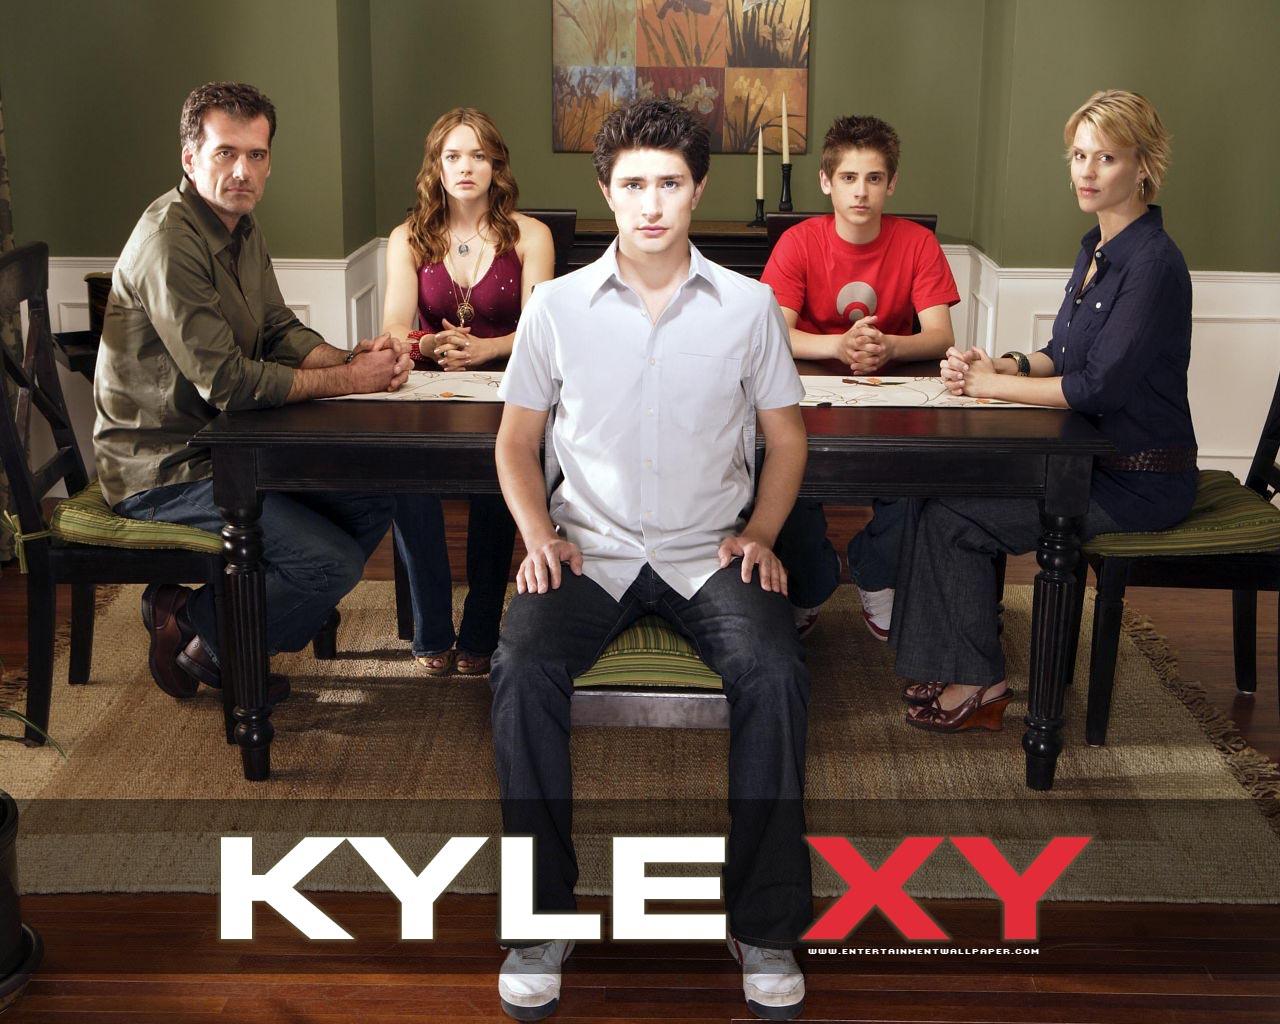 Assistir Online Kyle XY 1ª,2ª e 3ª Temporada  Dublado e Legendado